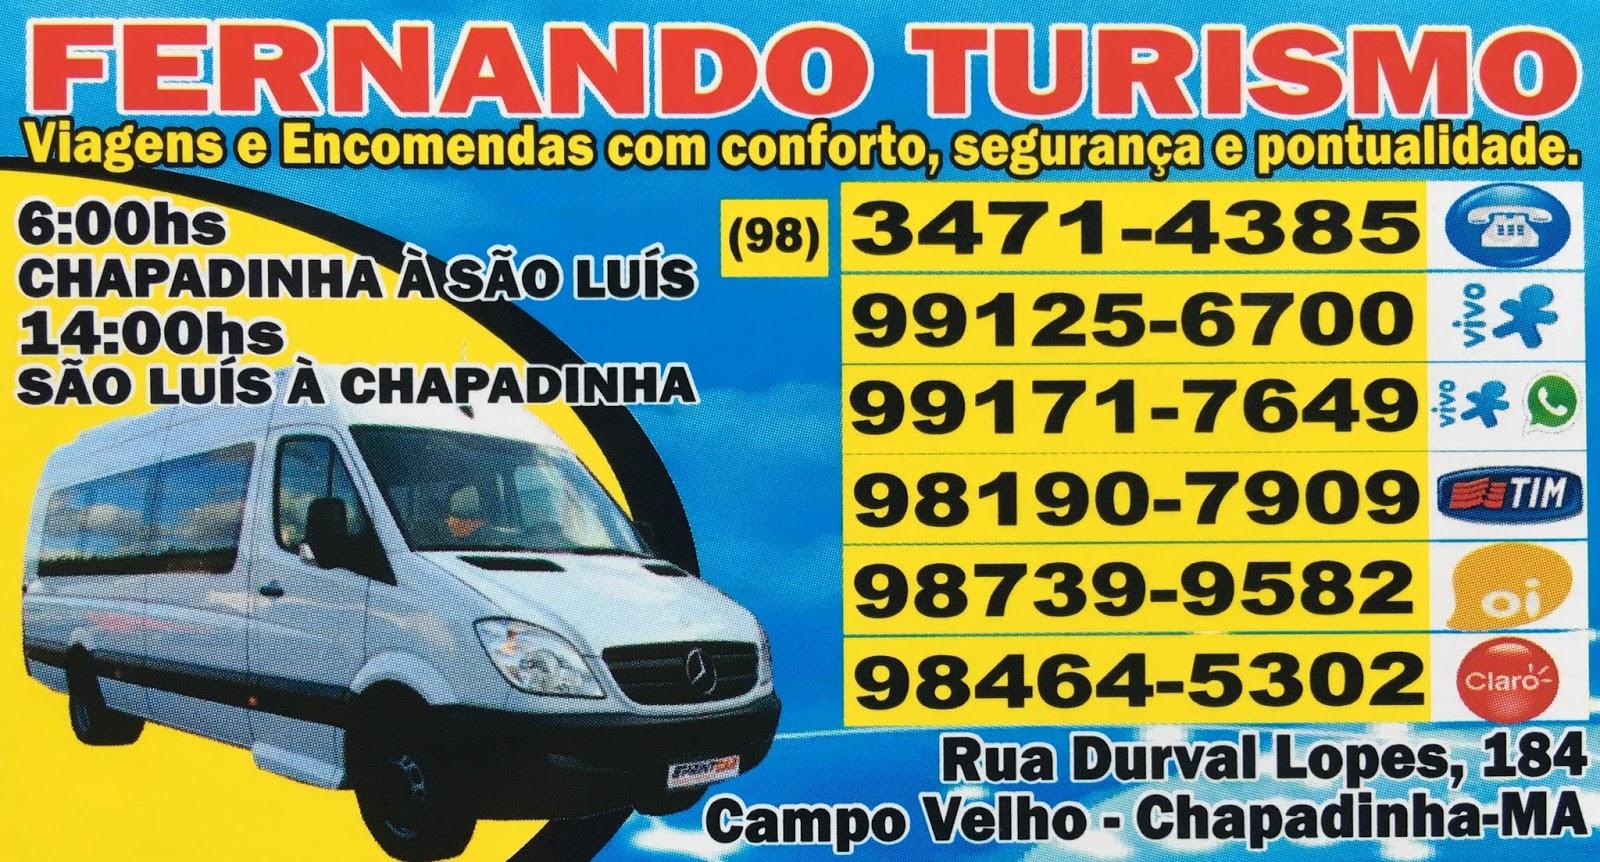 Fernando Turismo